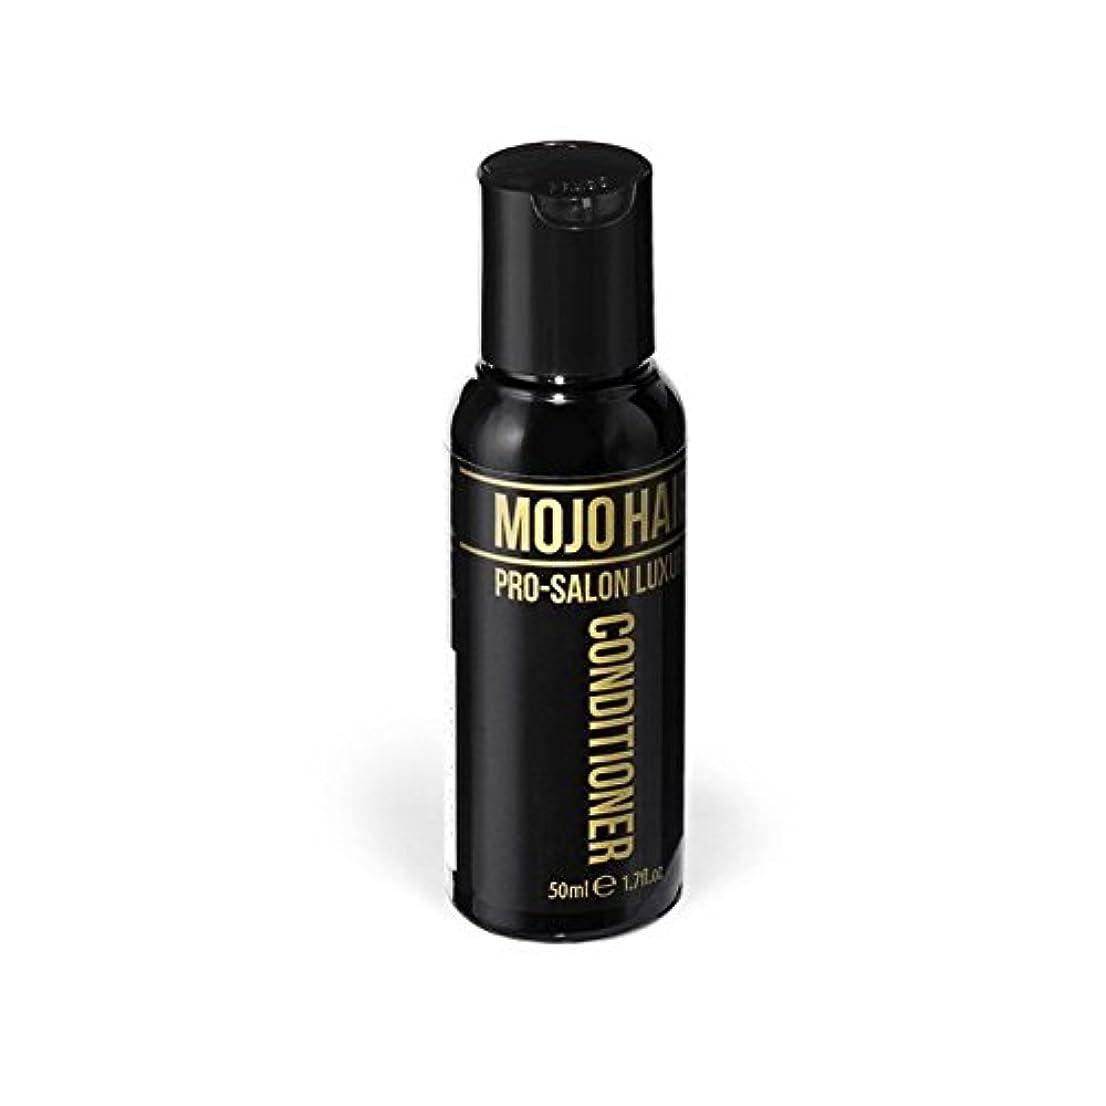 気候の山ユダヤ人起こりやすいモジョの毛プロのサロンの贅沢なコンディショナー(50ミリリットル) x4 - Mojo Hair Pro-Salon Luxury Conditioner (50ml) (Pack of 4) [並行輸入品]